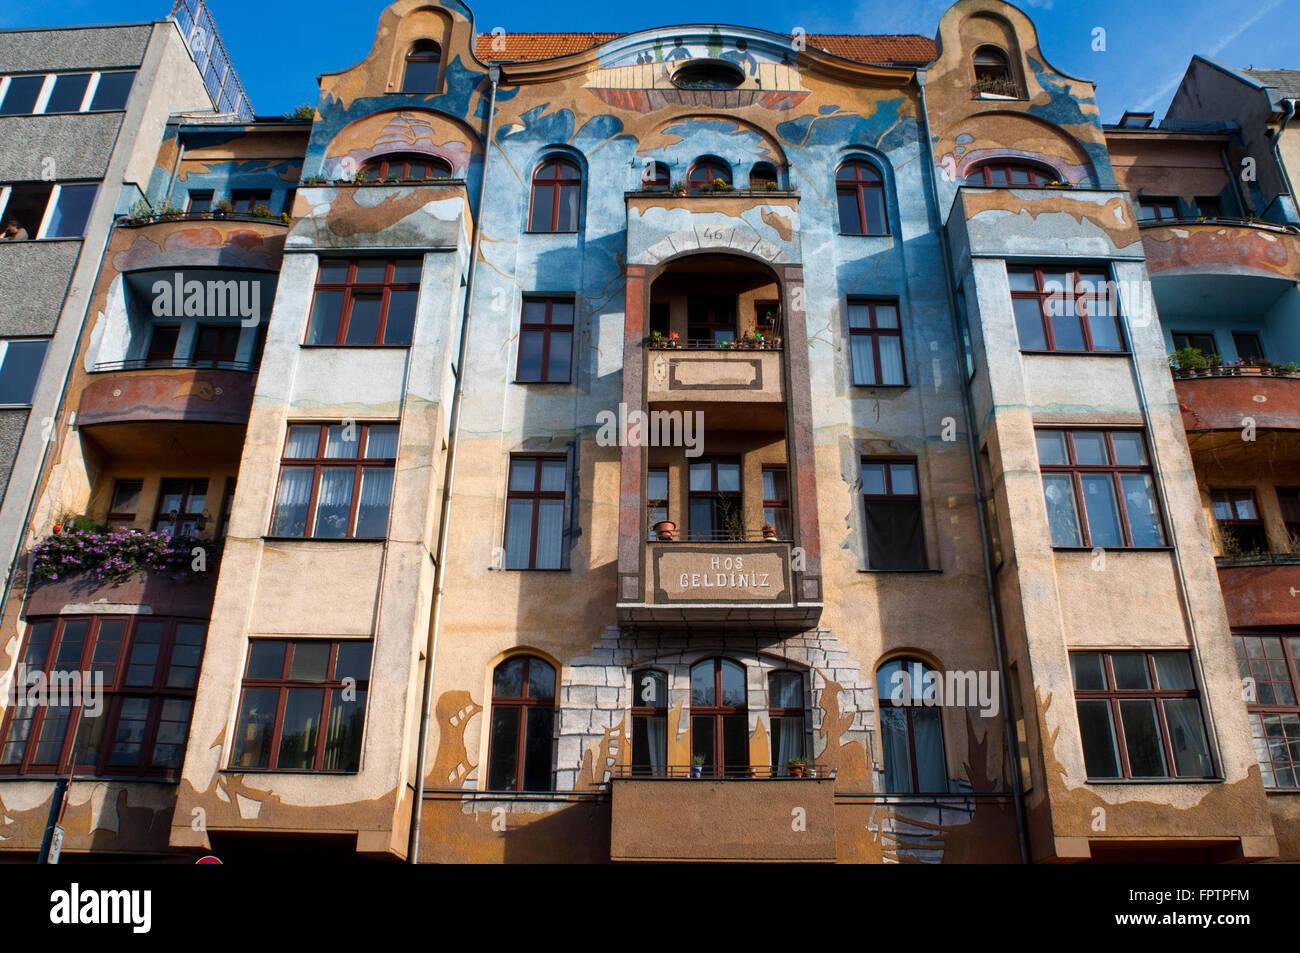 Hos Geldiniz, Falckensteinstrasse 46 in Berlin, Deutschland, Europa. Sie finden das wunderschön gemalte Haus Stockbild